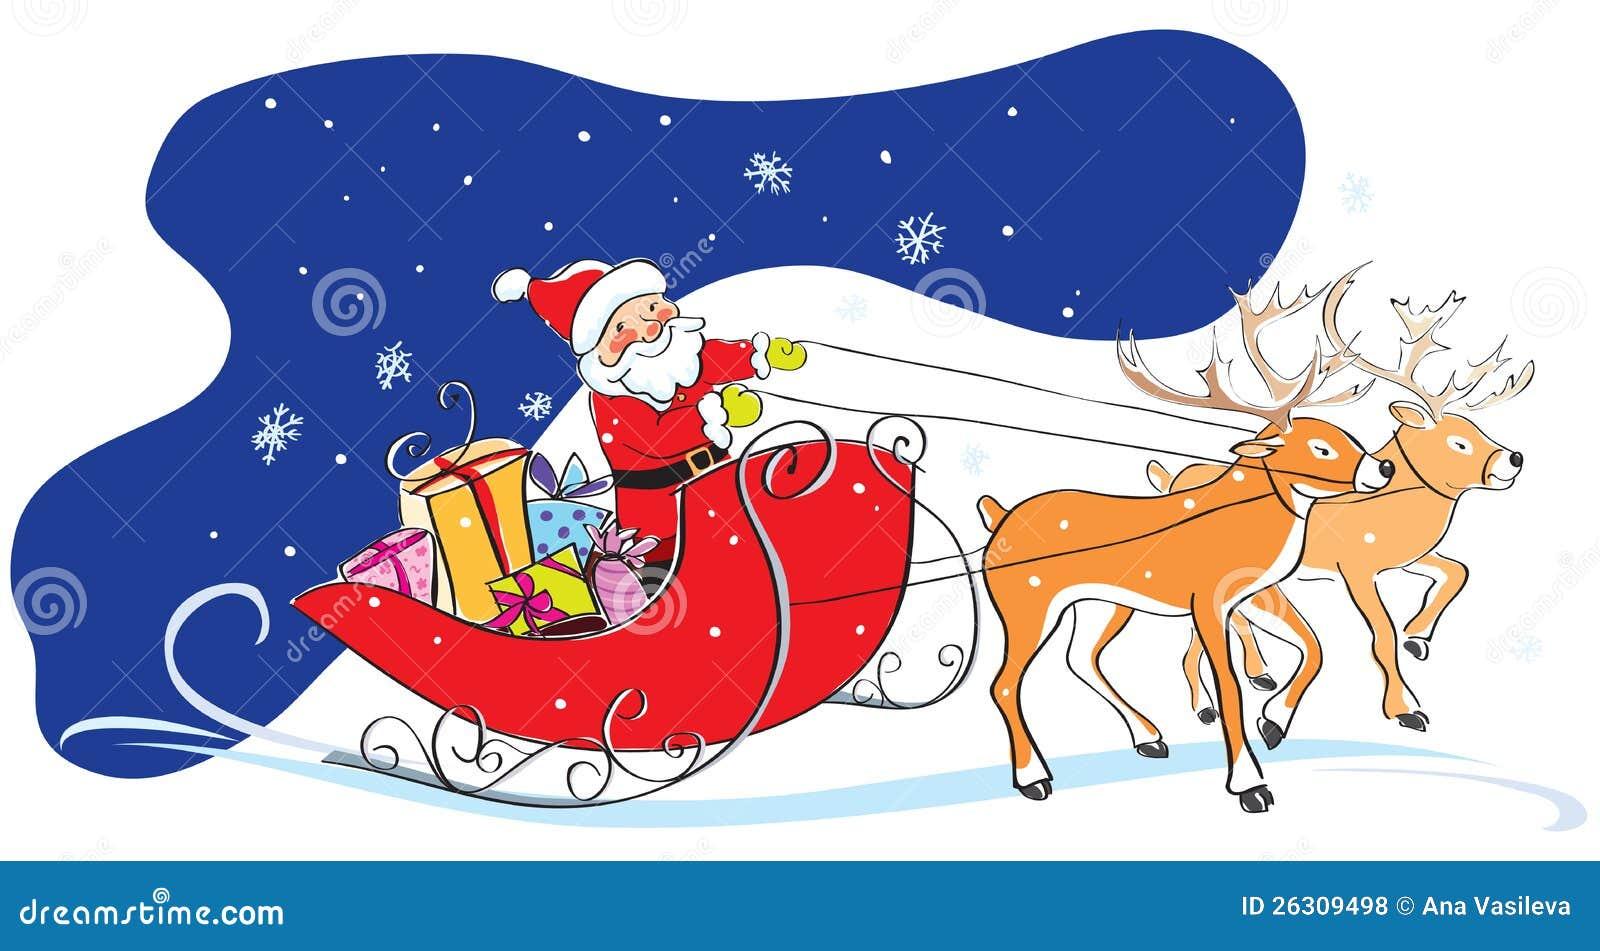 weihnachtsmann im schlitten weihnachtsgeschenke deers. Black Bedroom Furniture Sets. Home Design Ideas